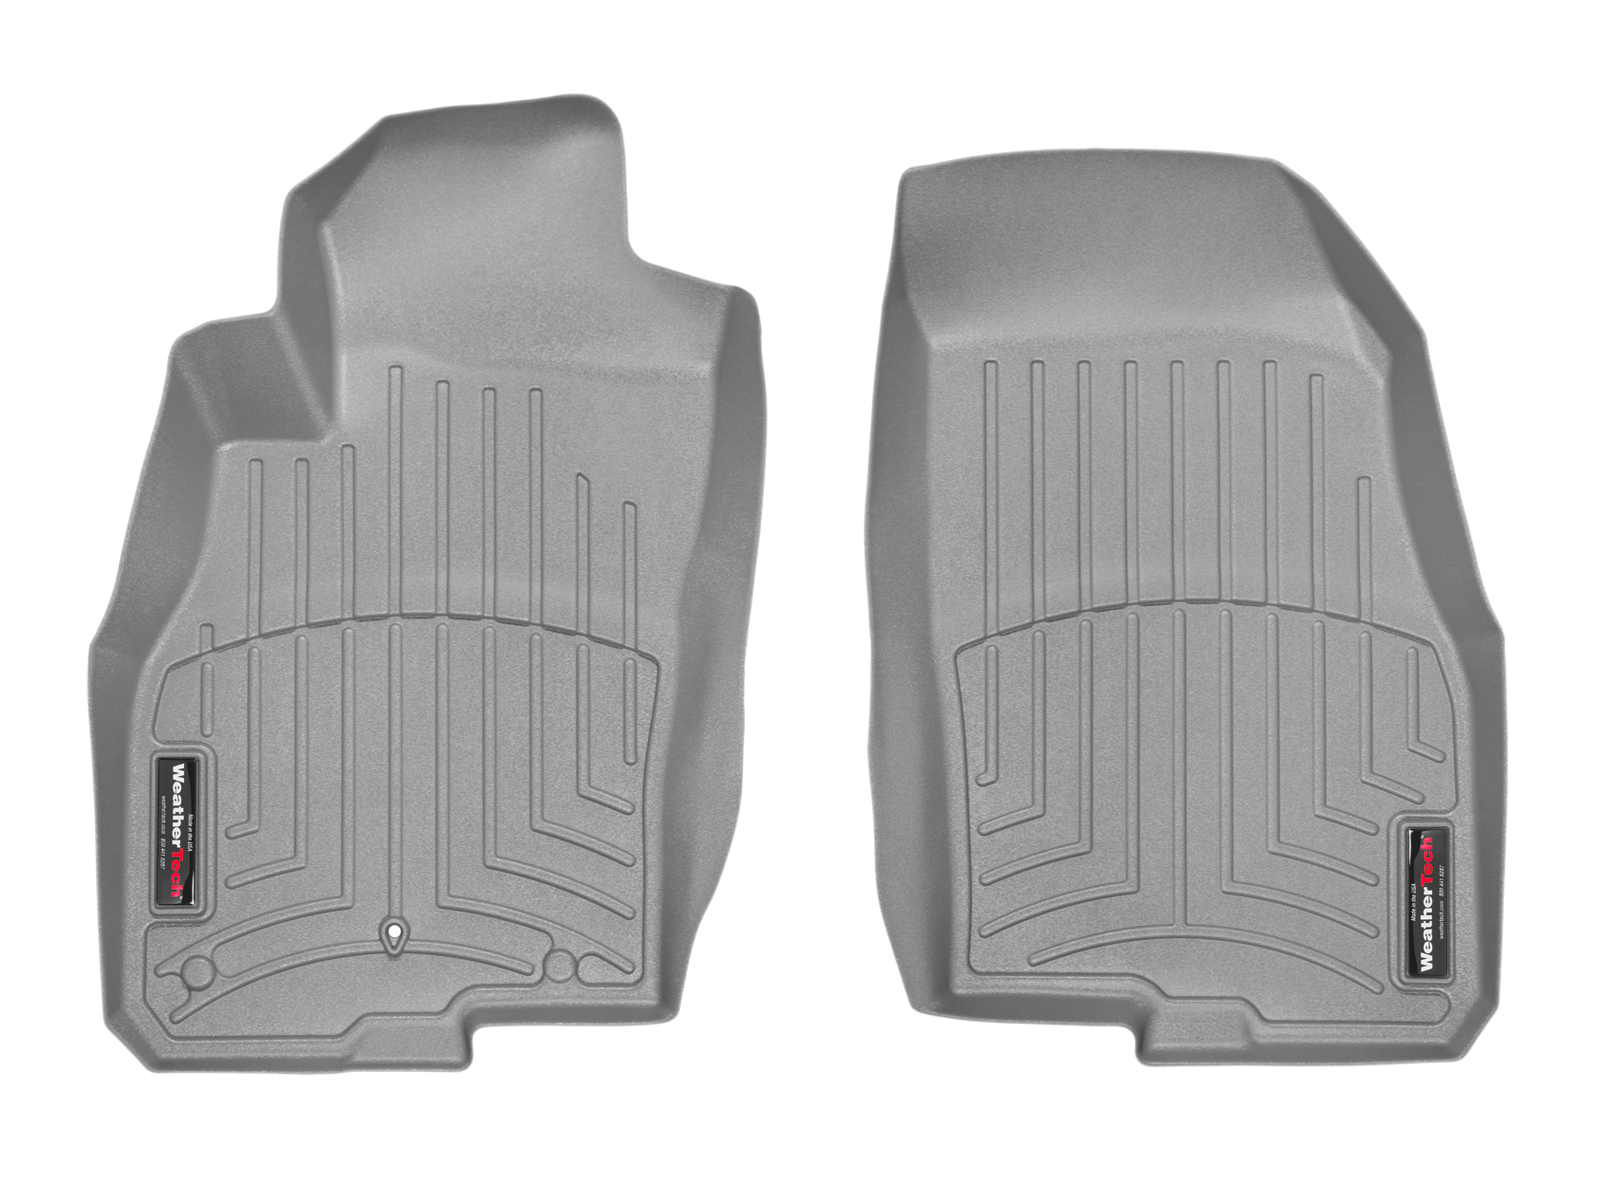 Tappeti gomma su misura bordo alto Fiat Punto 12>17 Grigio A824*